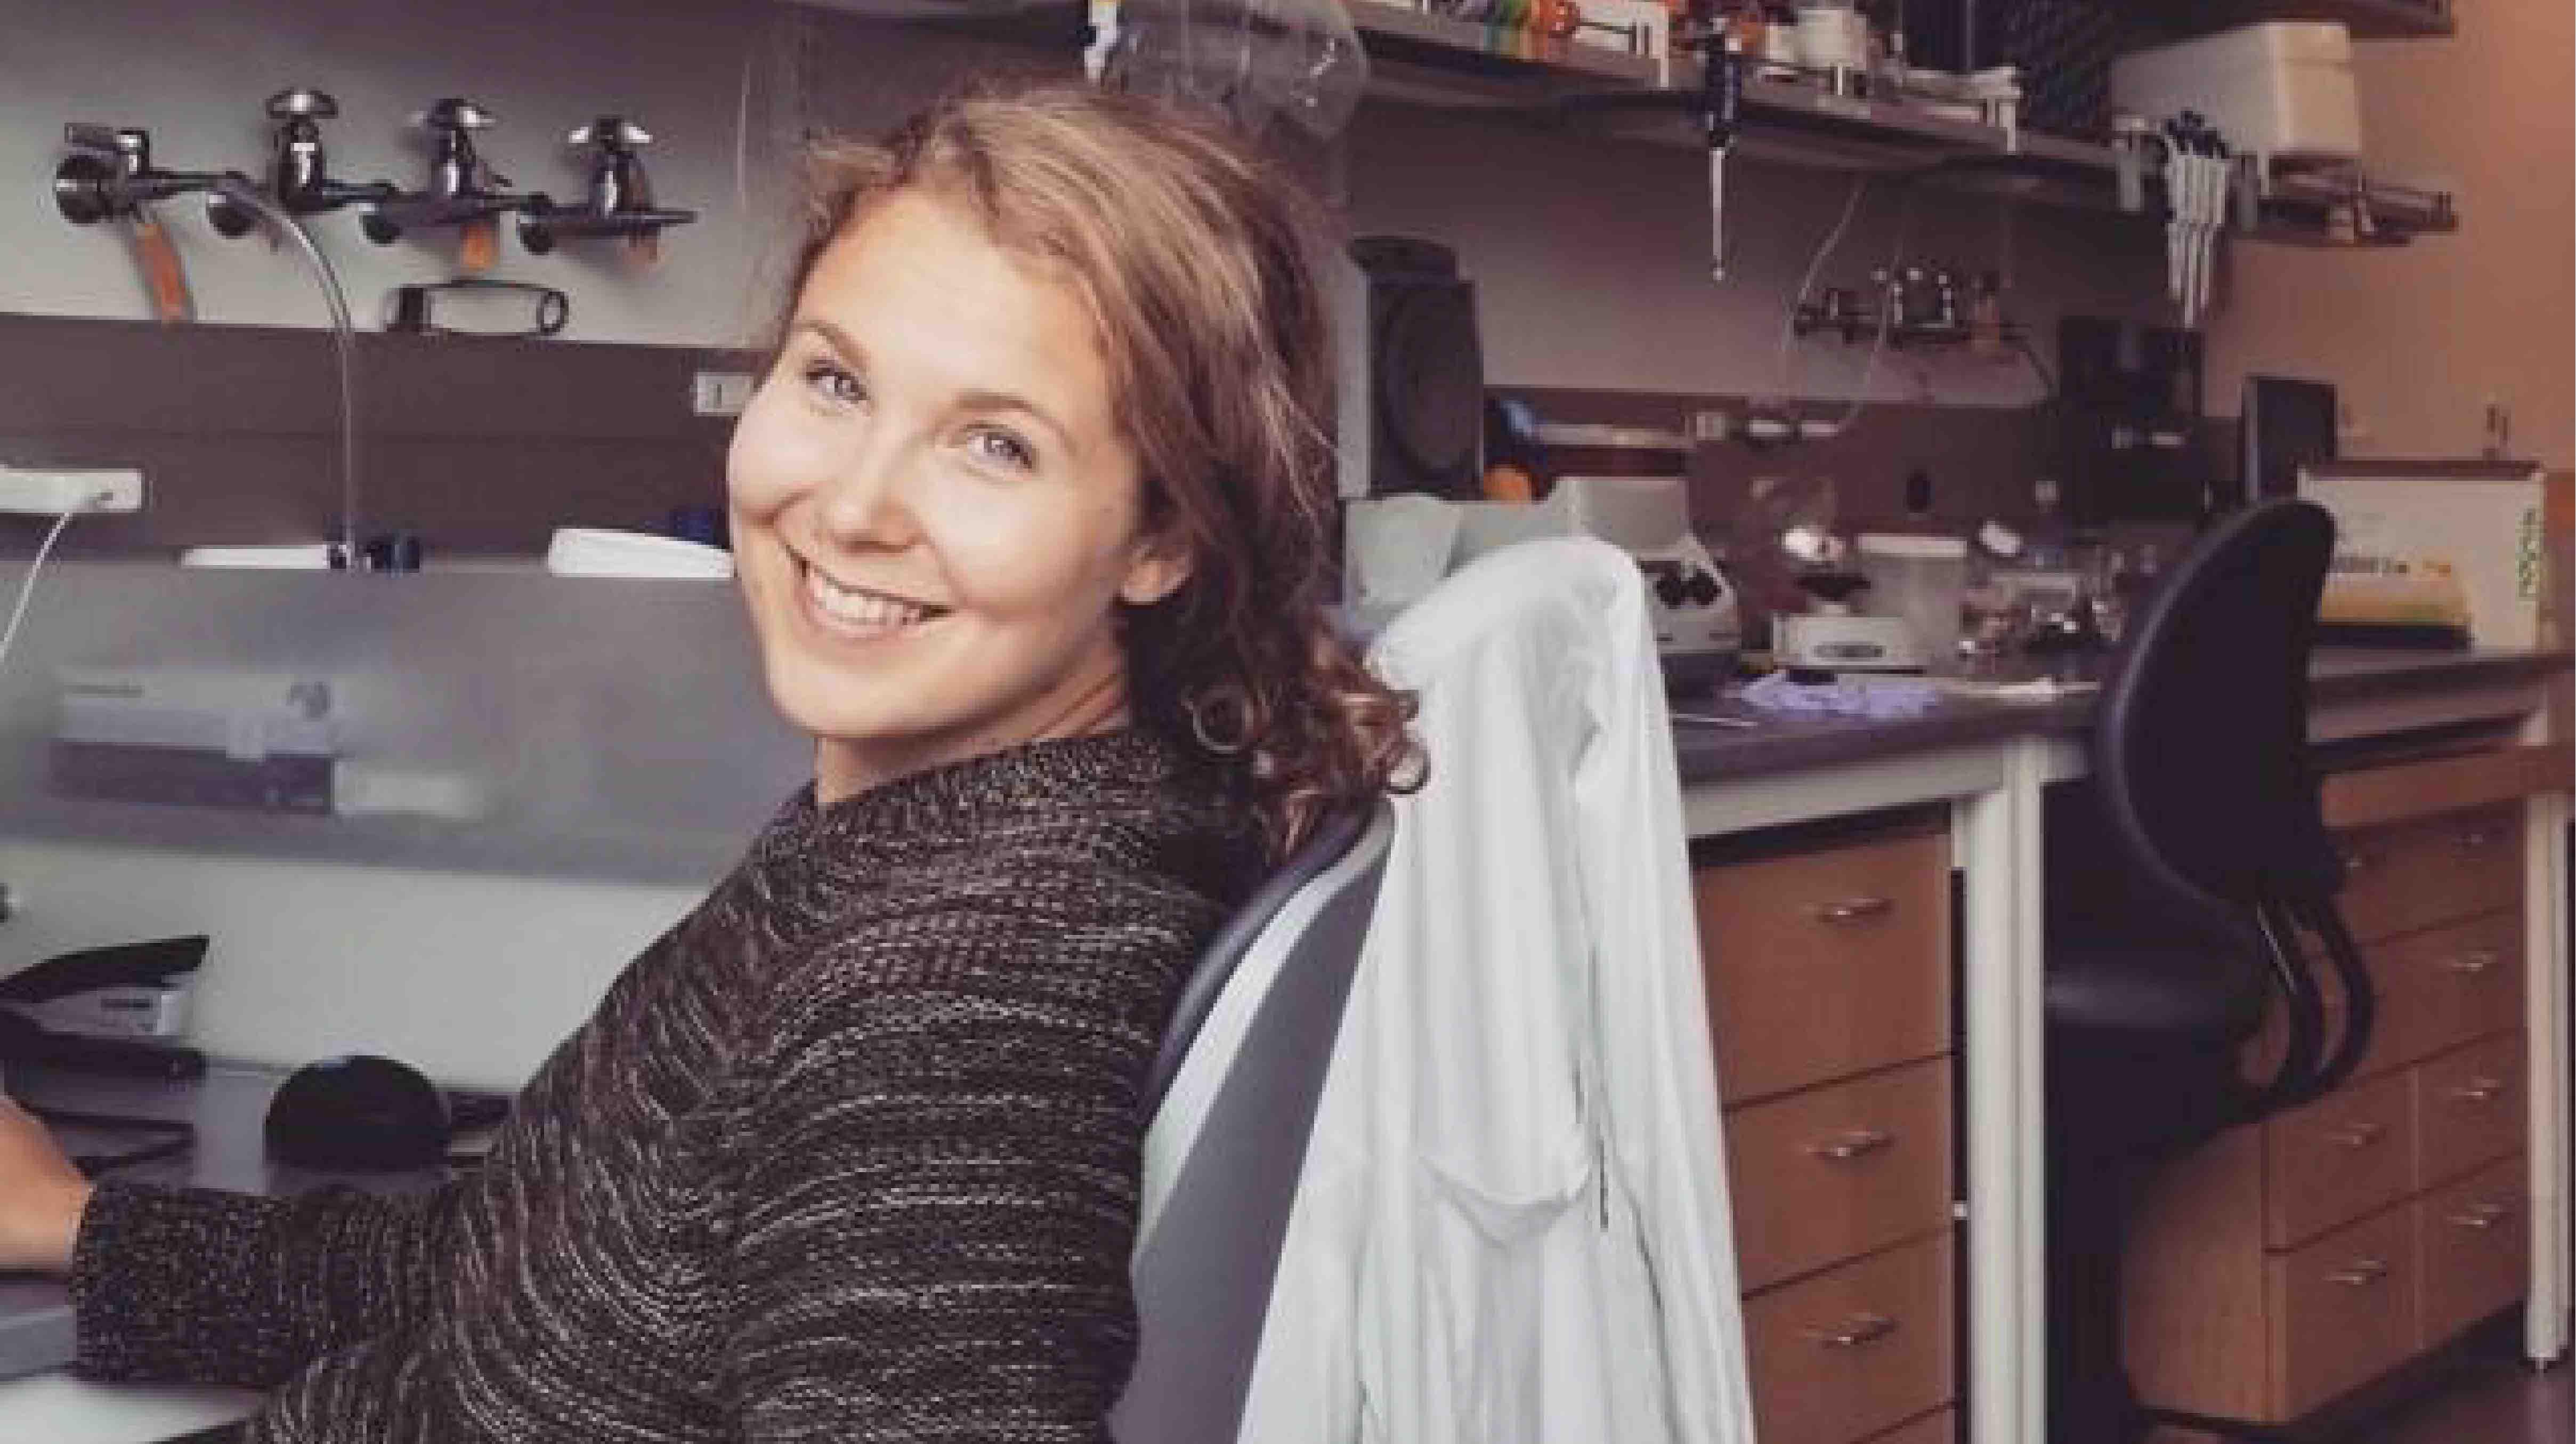 Dana Foss at her desk